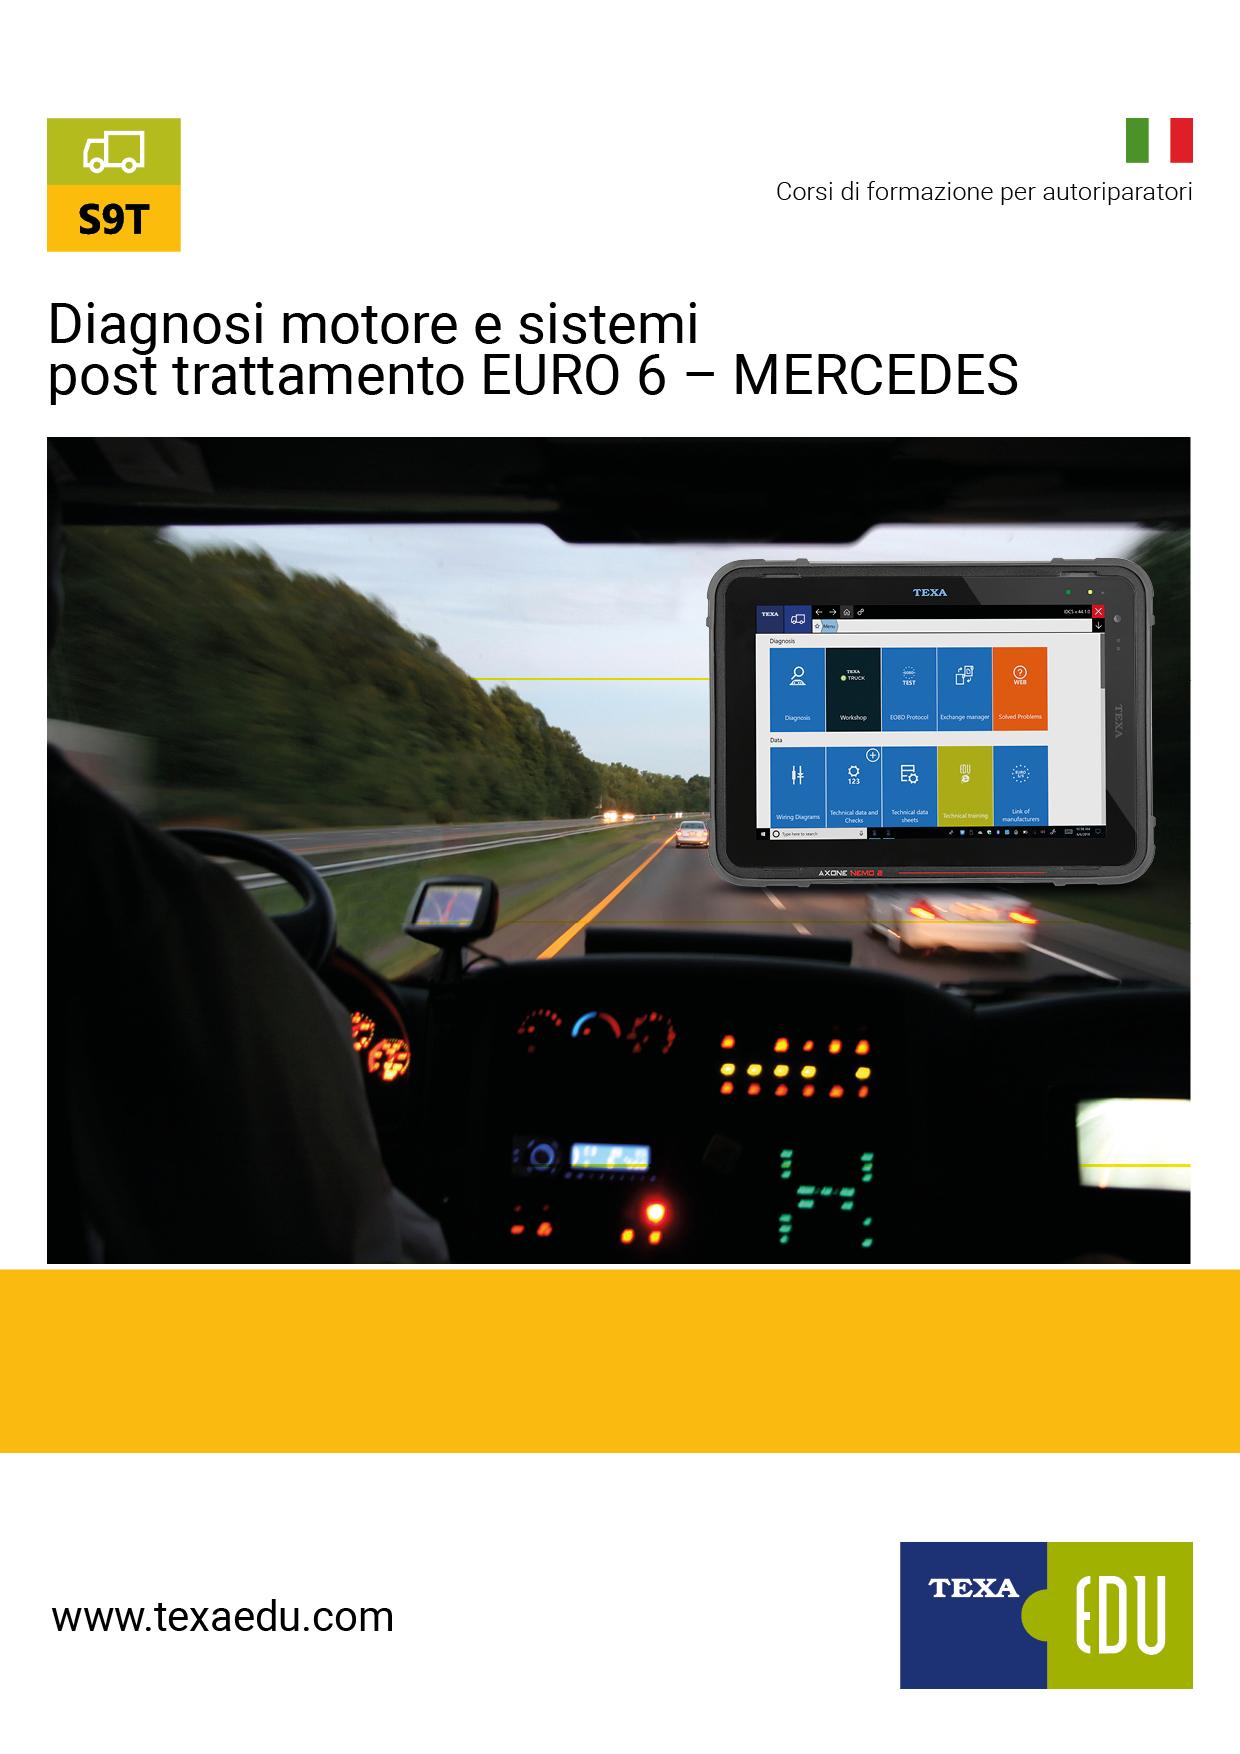 S9T: DIAGNOSI MOTORE E SISTEMI POST TRATTAMENTO EURO 6 MERCEDES